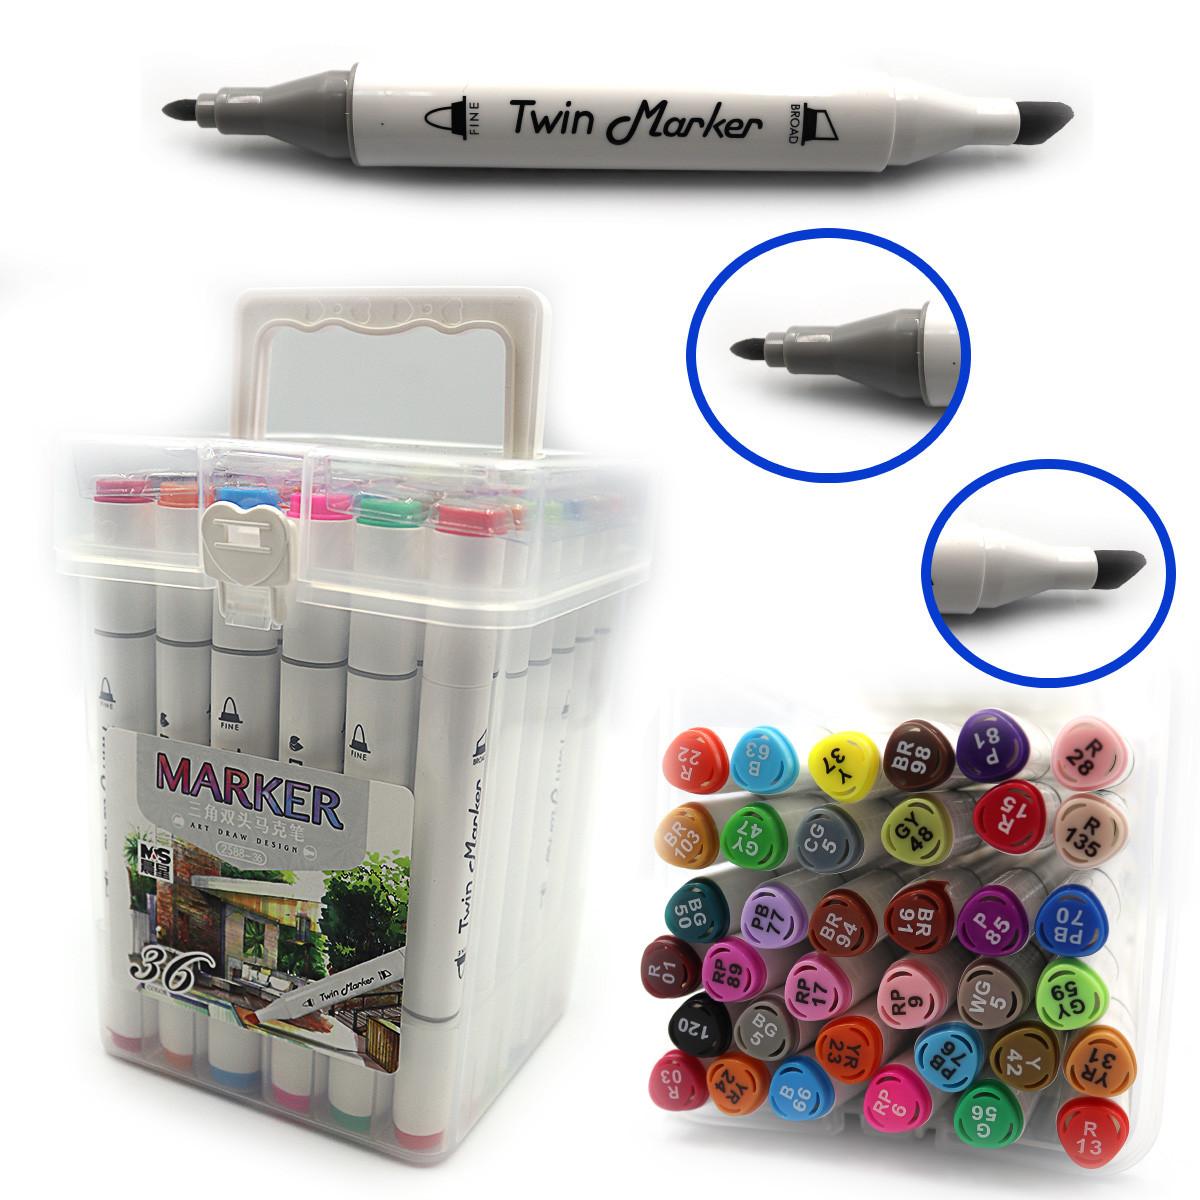 Набір маркерів 36кол. DSCN0228-36 M&S 2-хстор. скош/коло., скетч маркери в наборі